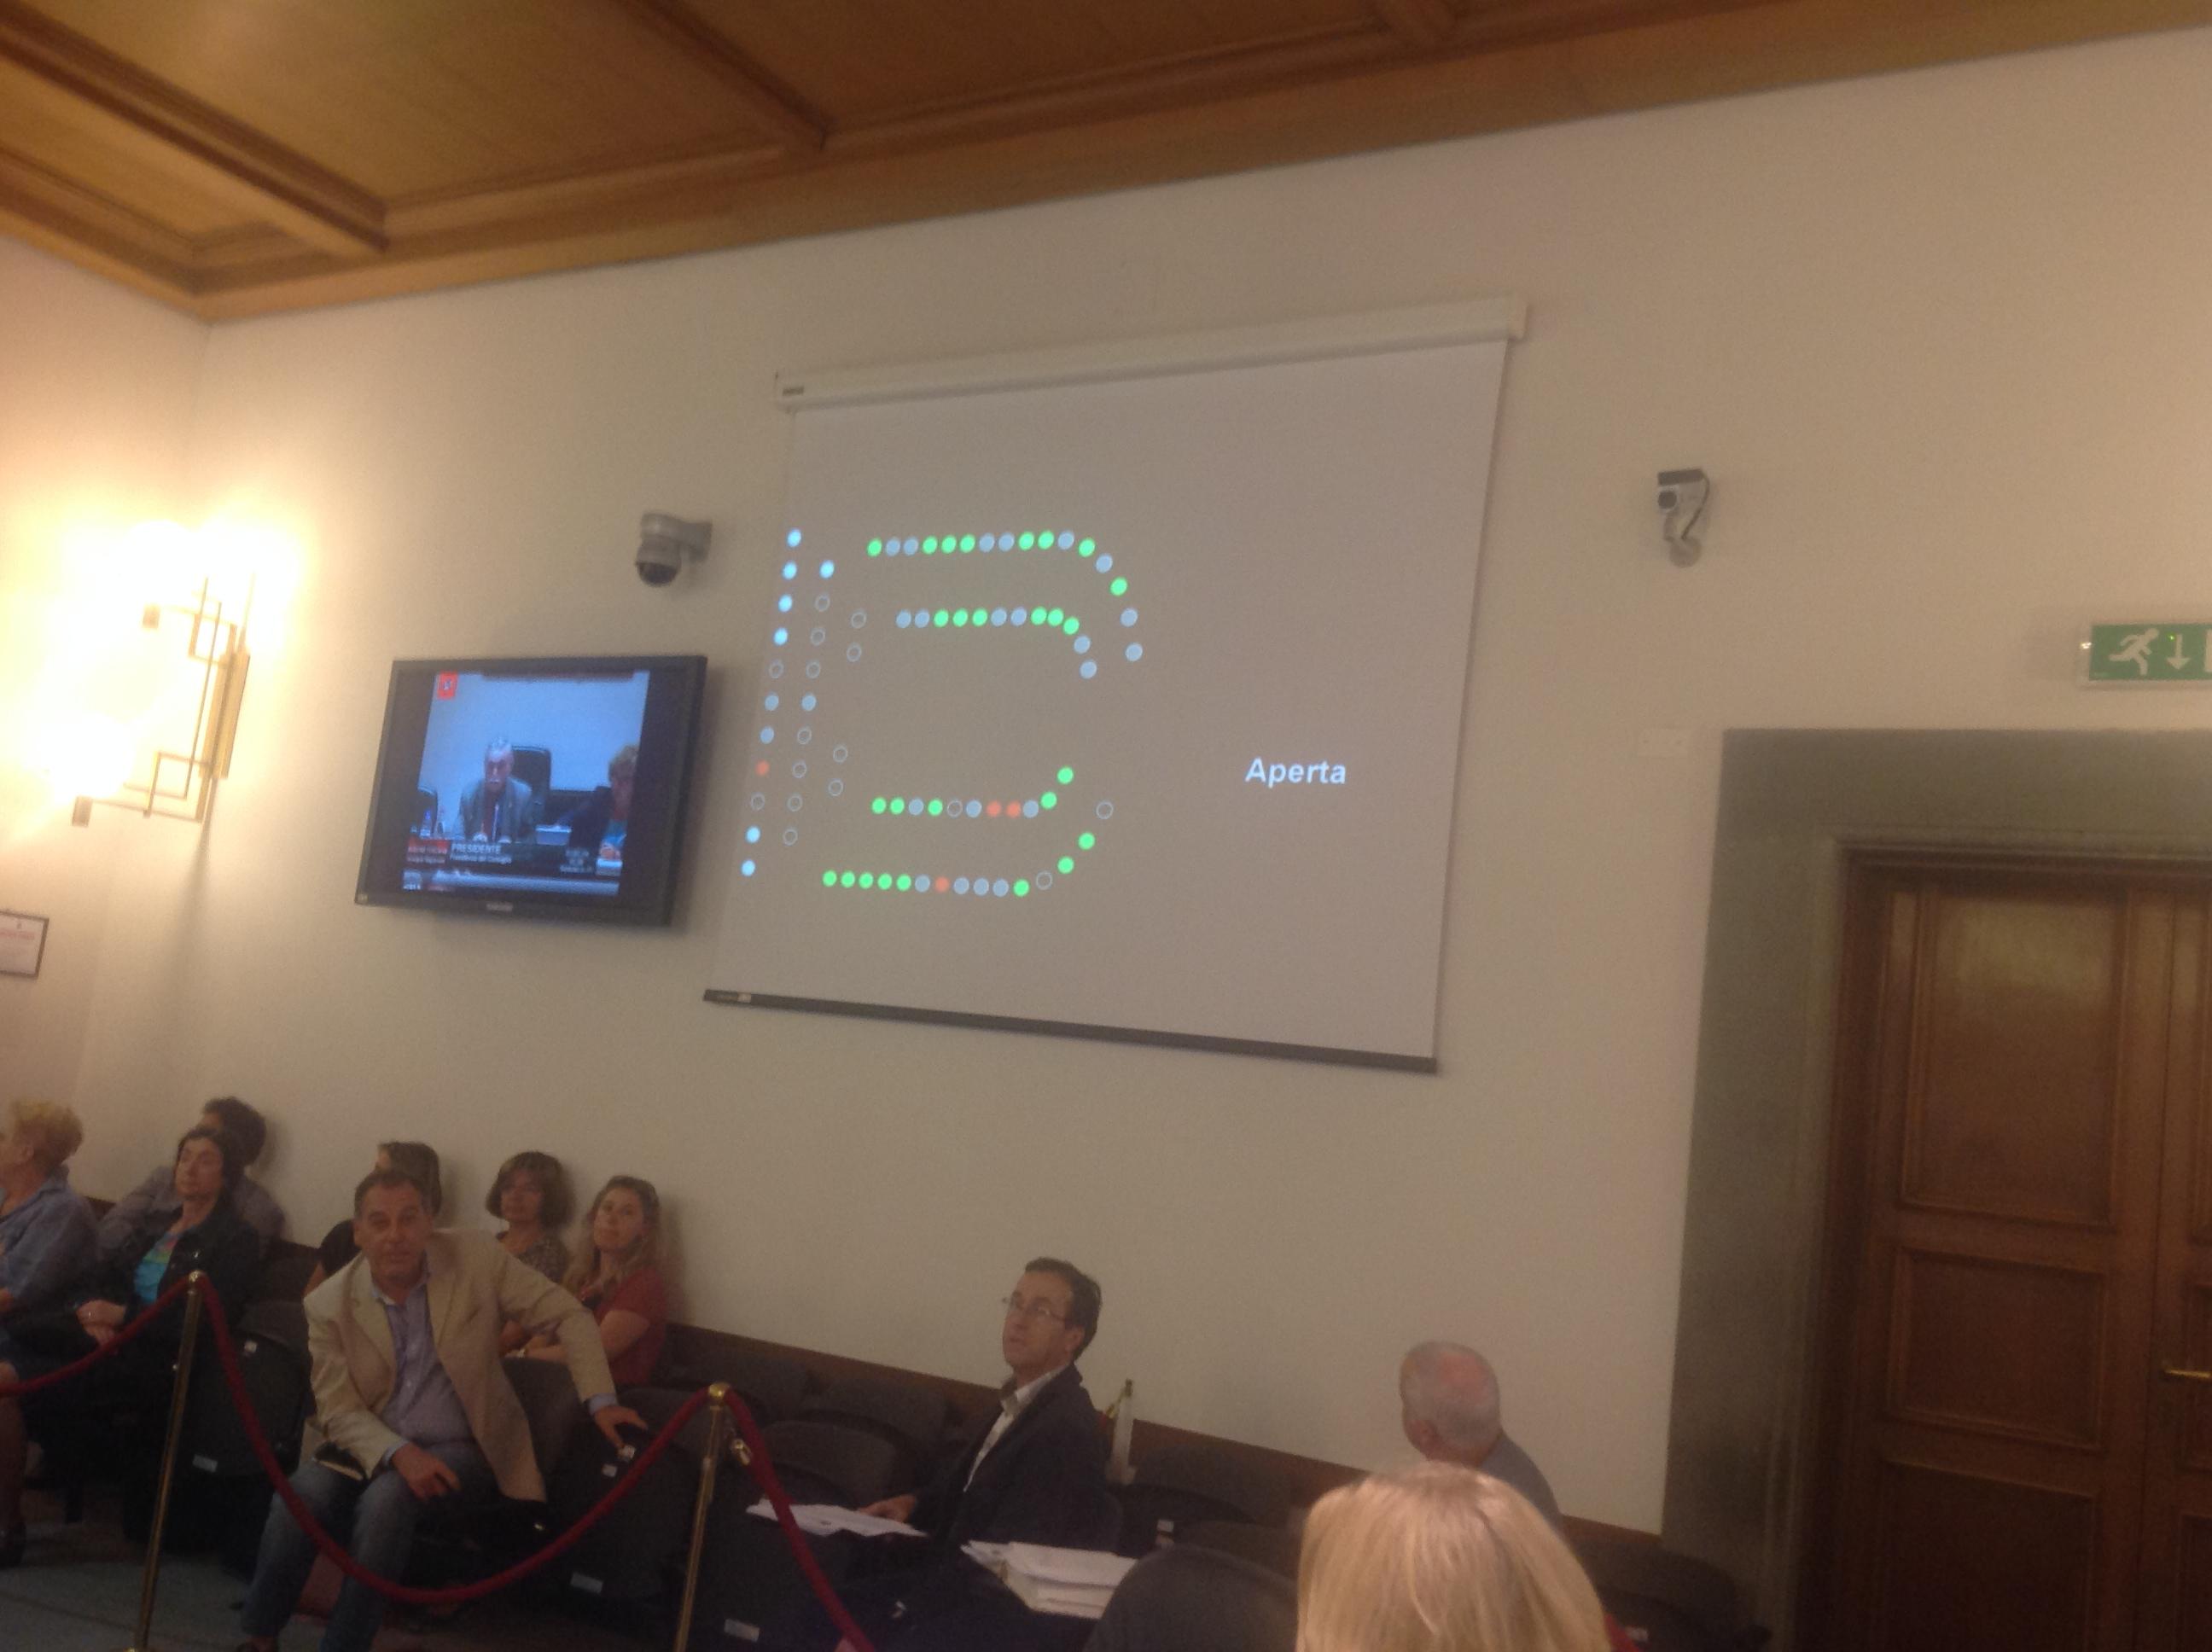 La legge pronta per l 39 uso di separazione bancaria arriva for Diretta camera deputati